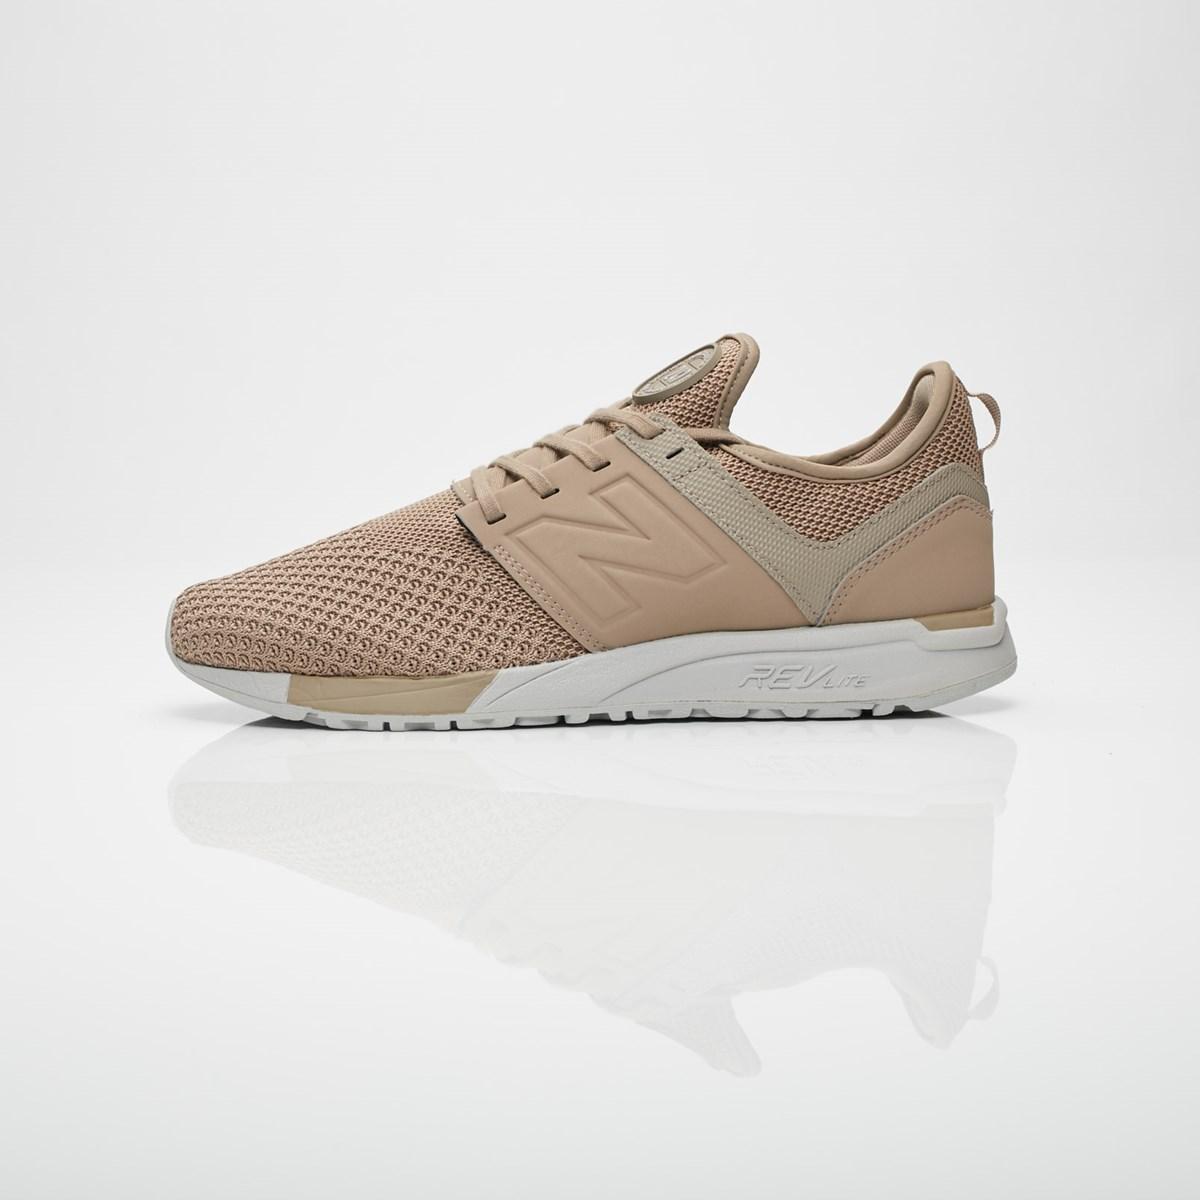 New Balance MRL 247 Knit - Mrl247kt - SNS | sneakers & streetwear online since 1999